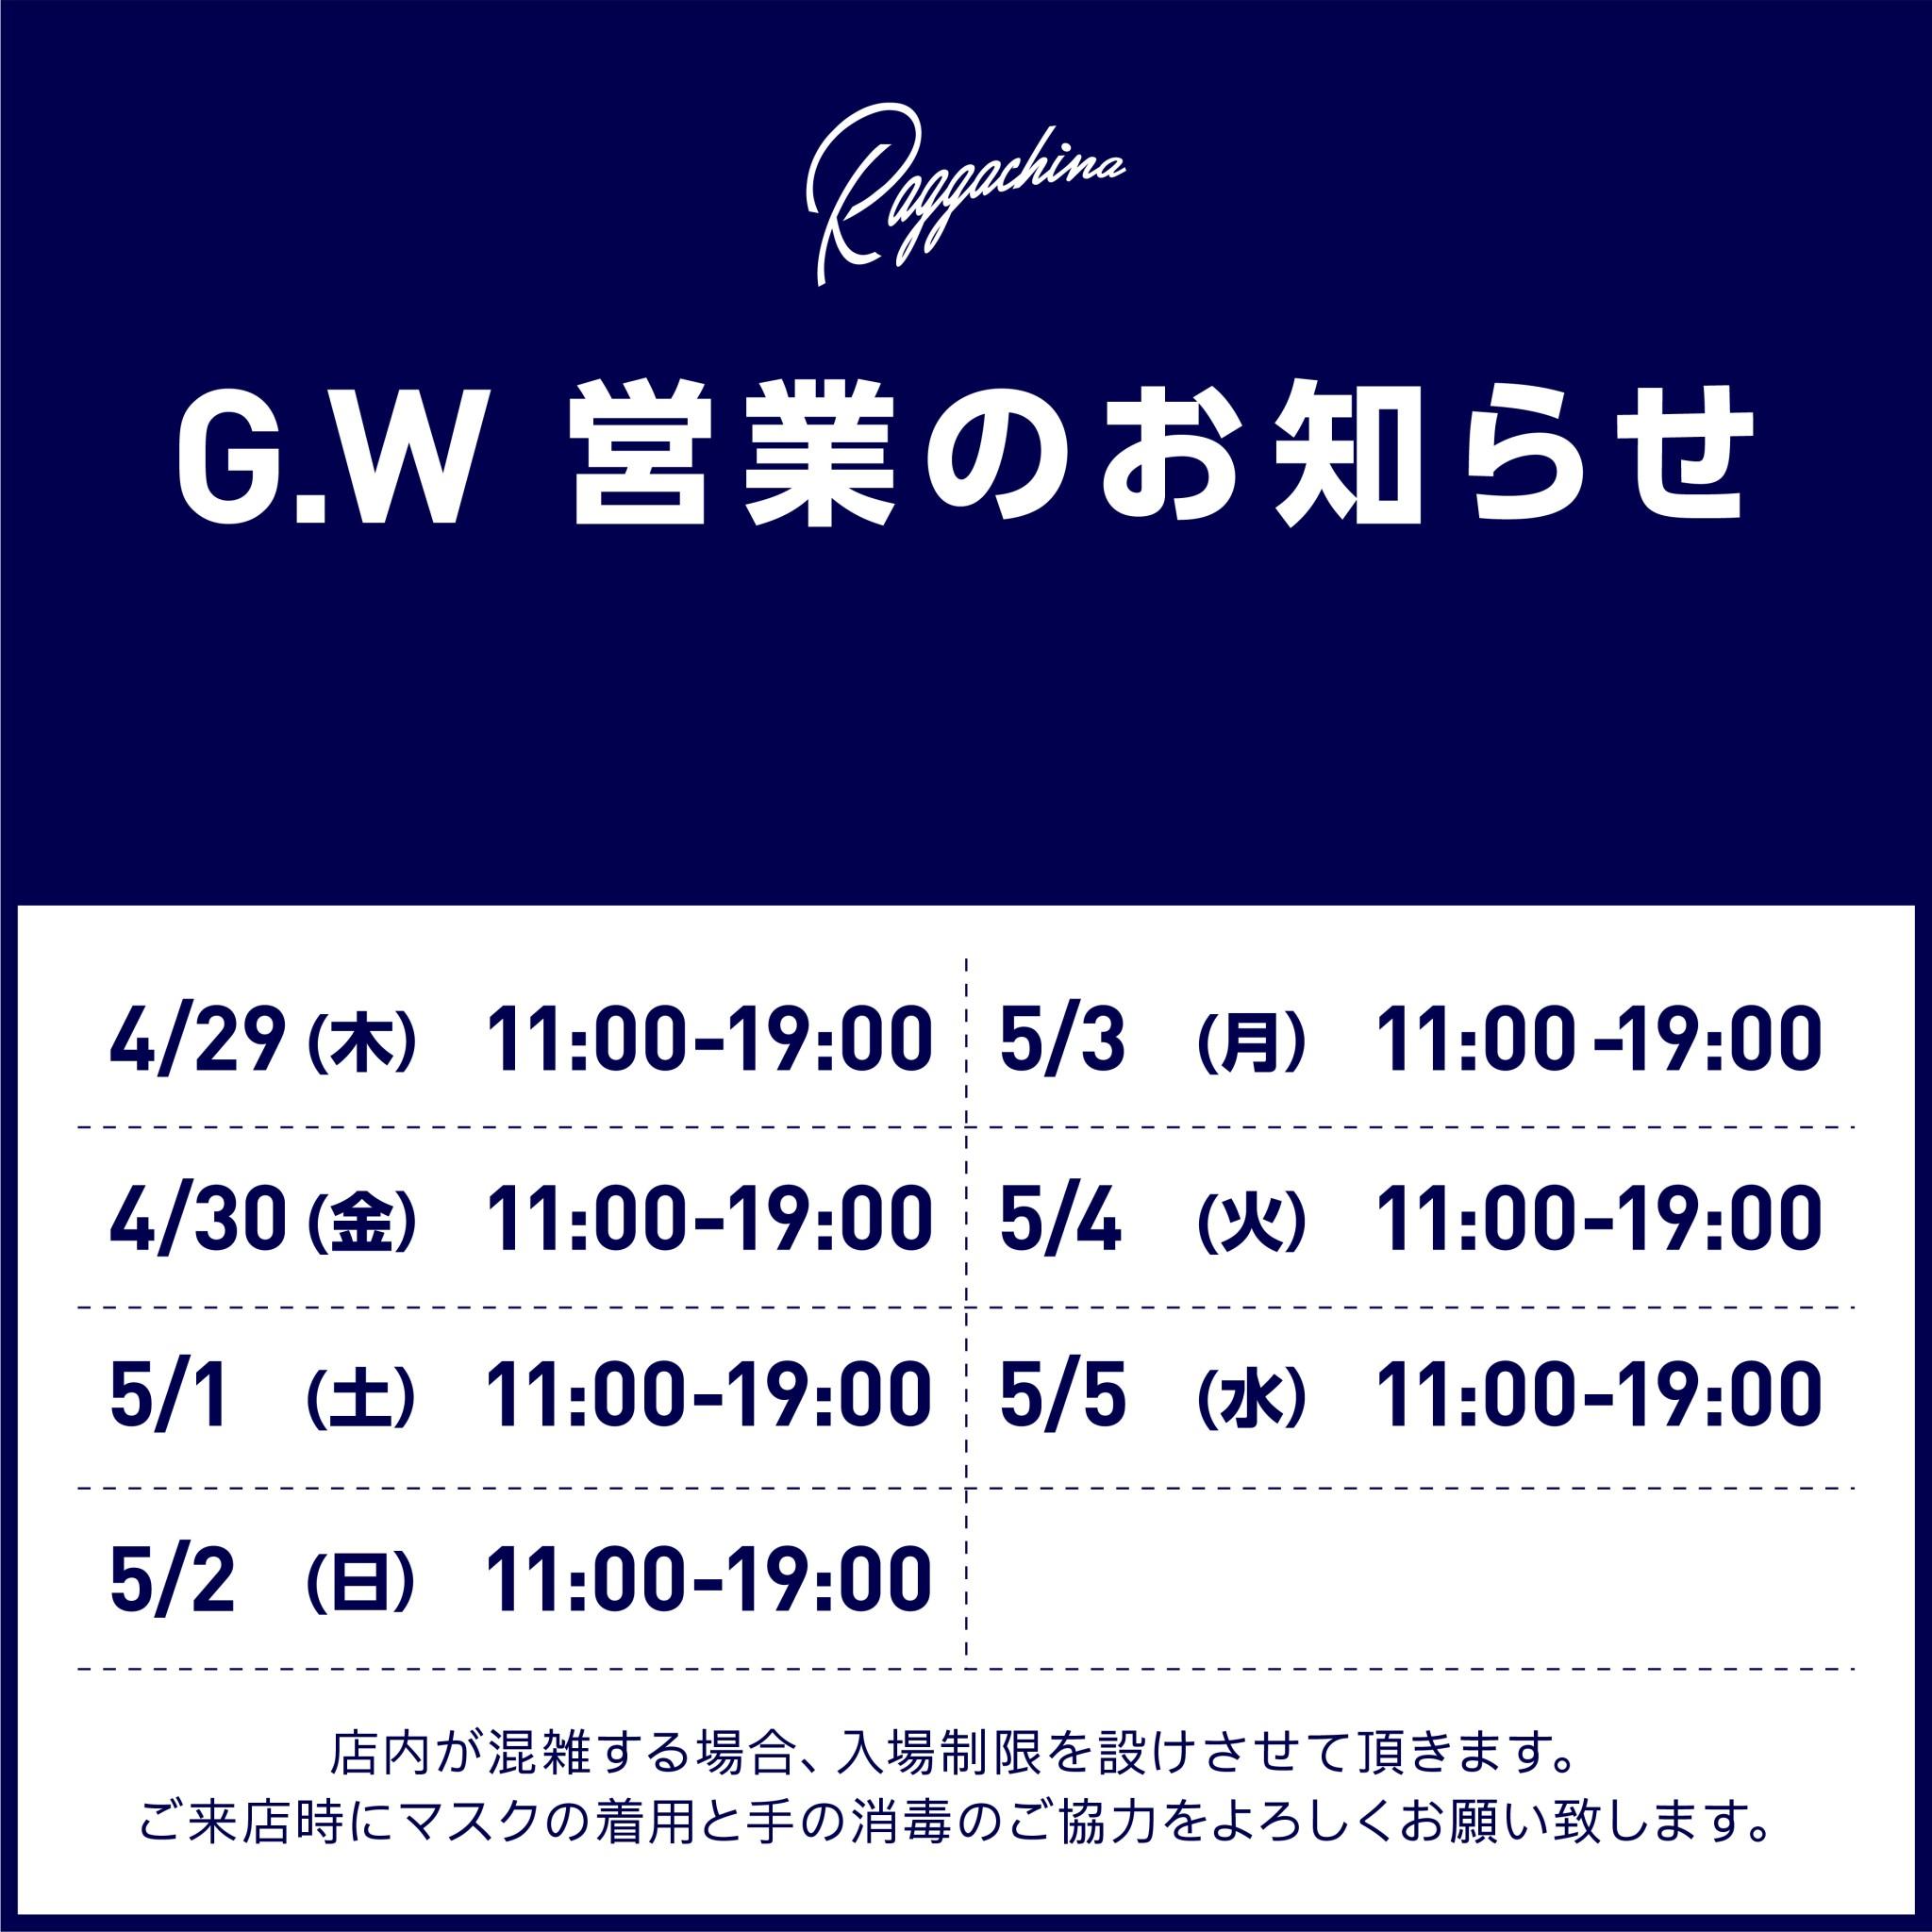 GW営業のお知らせ